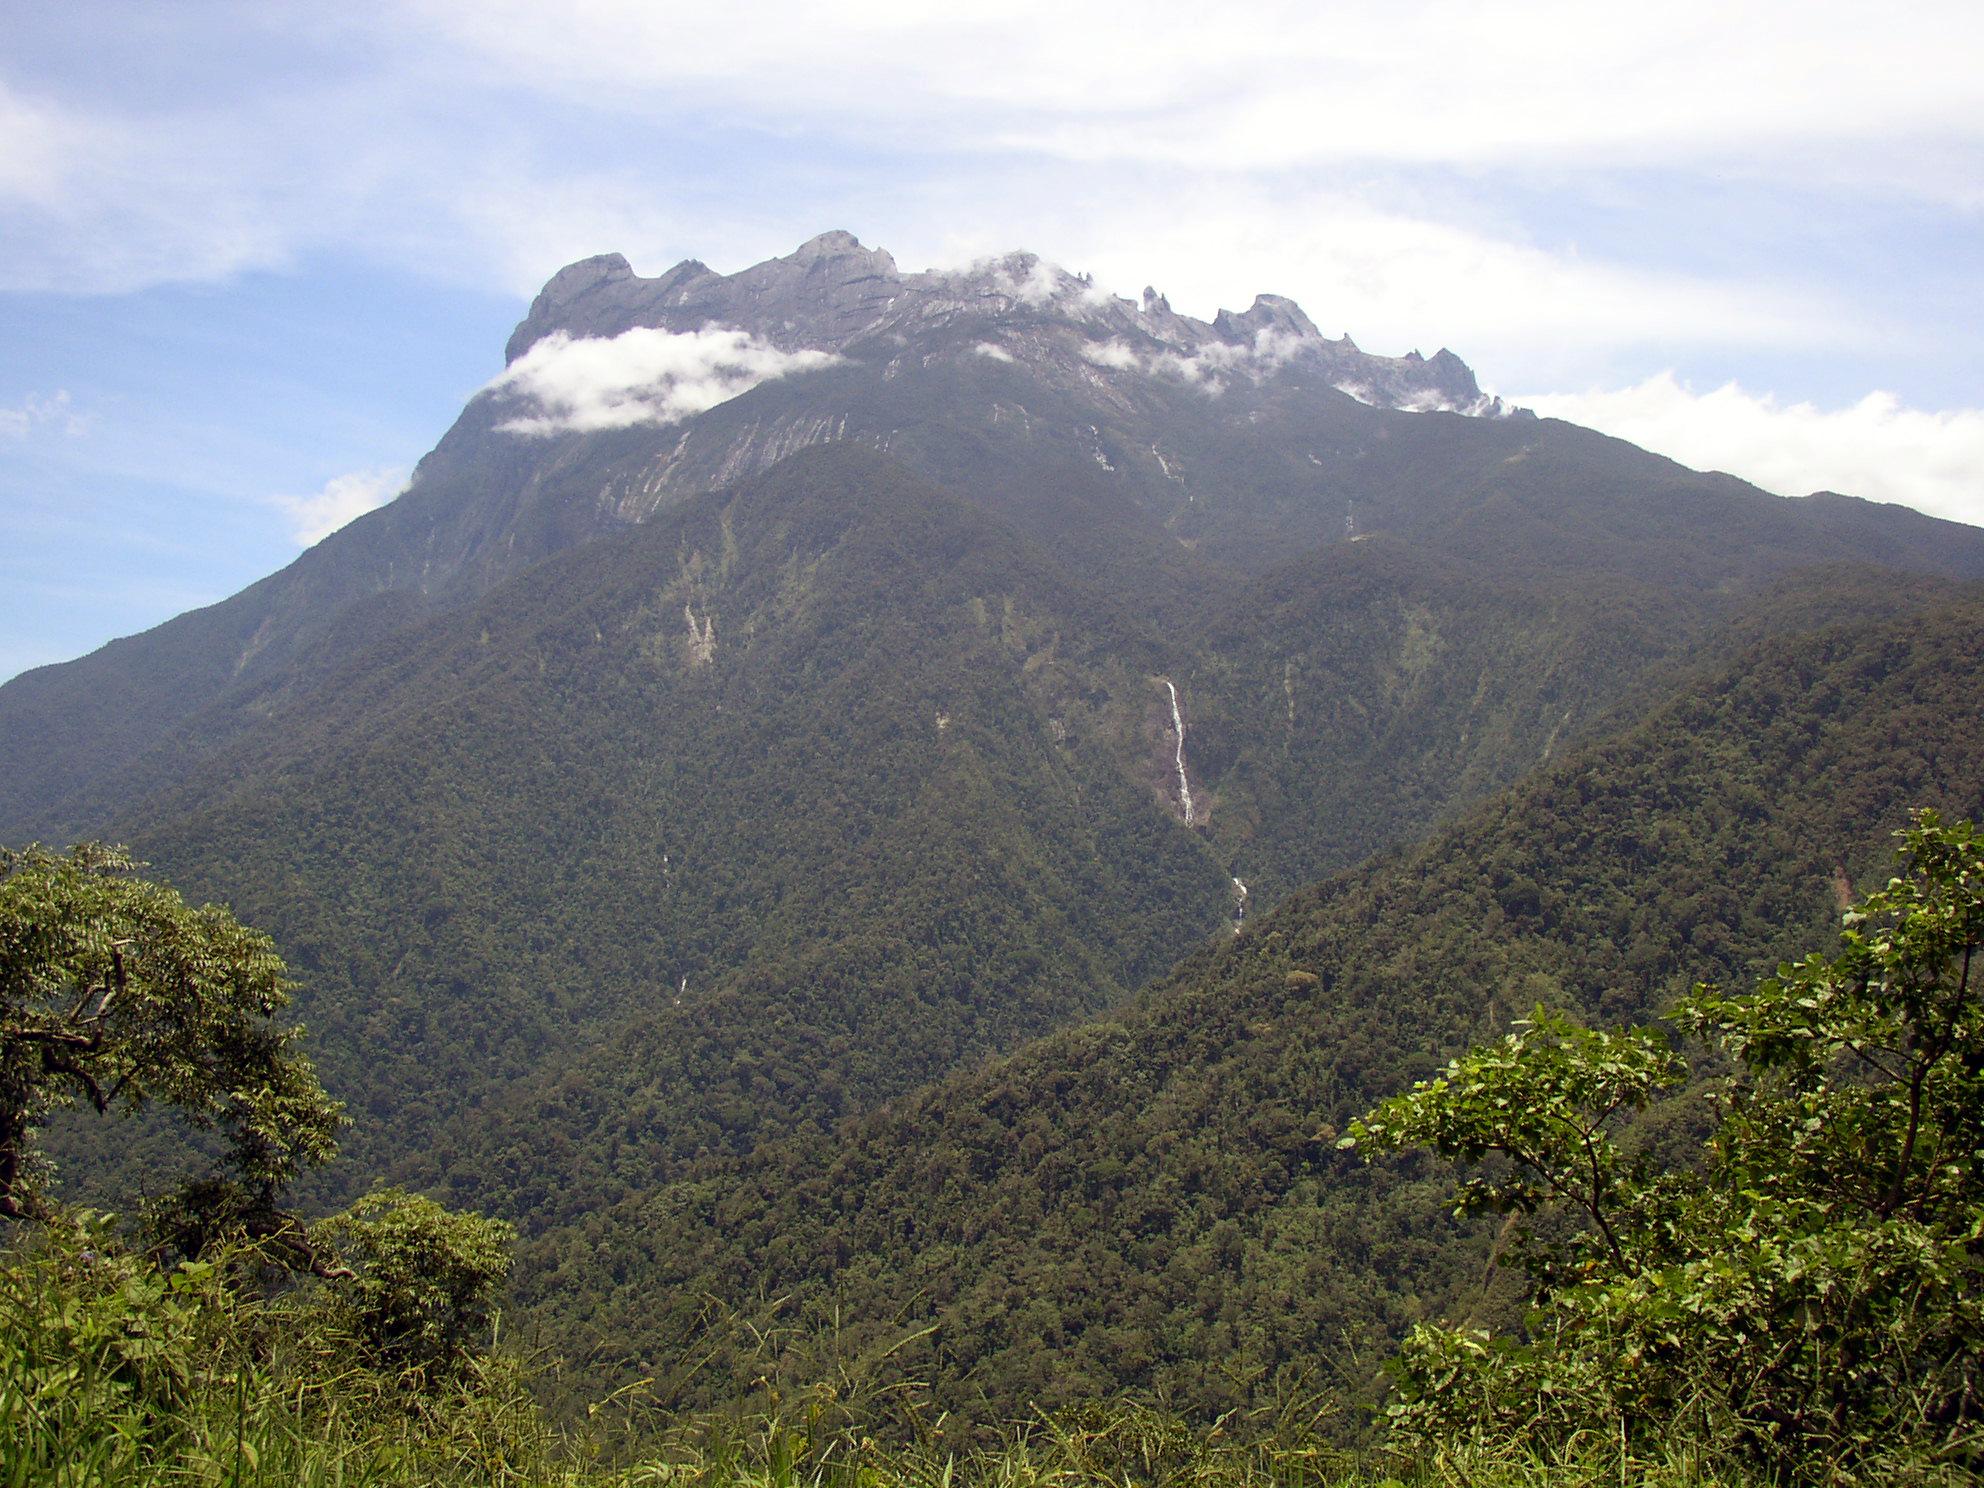 マレーシアで一番高い山キナバル山